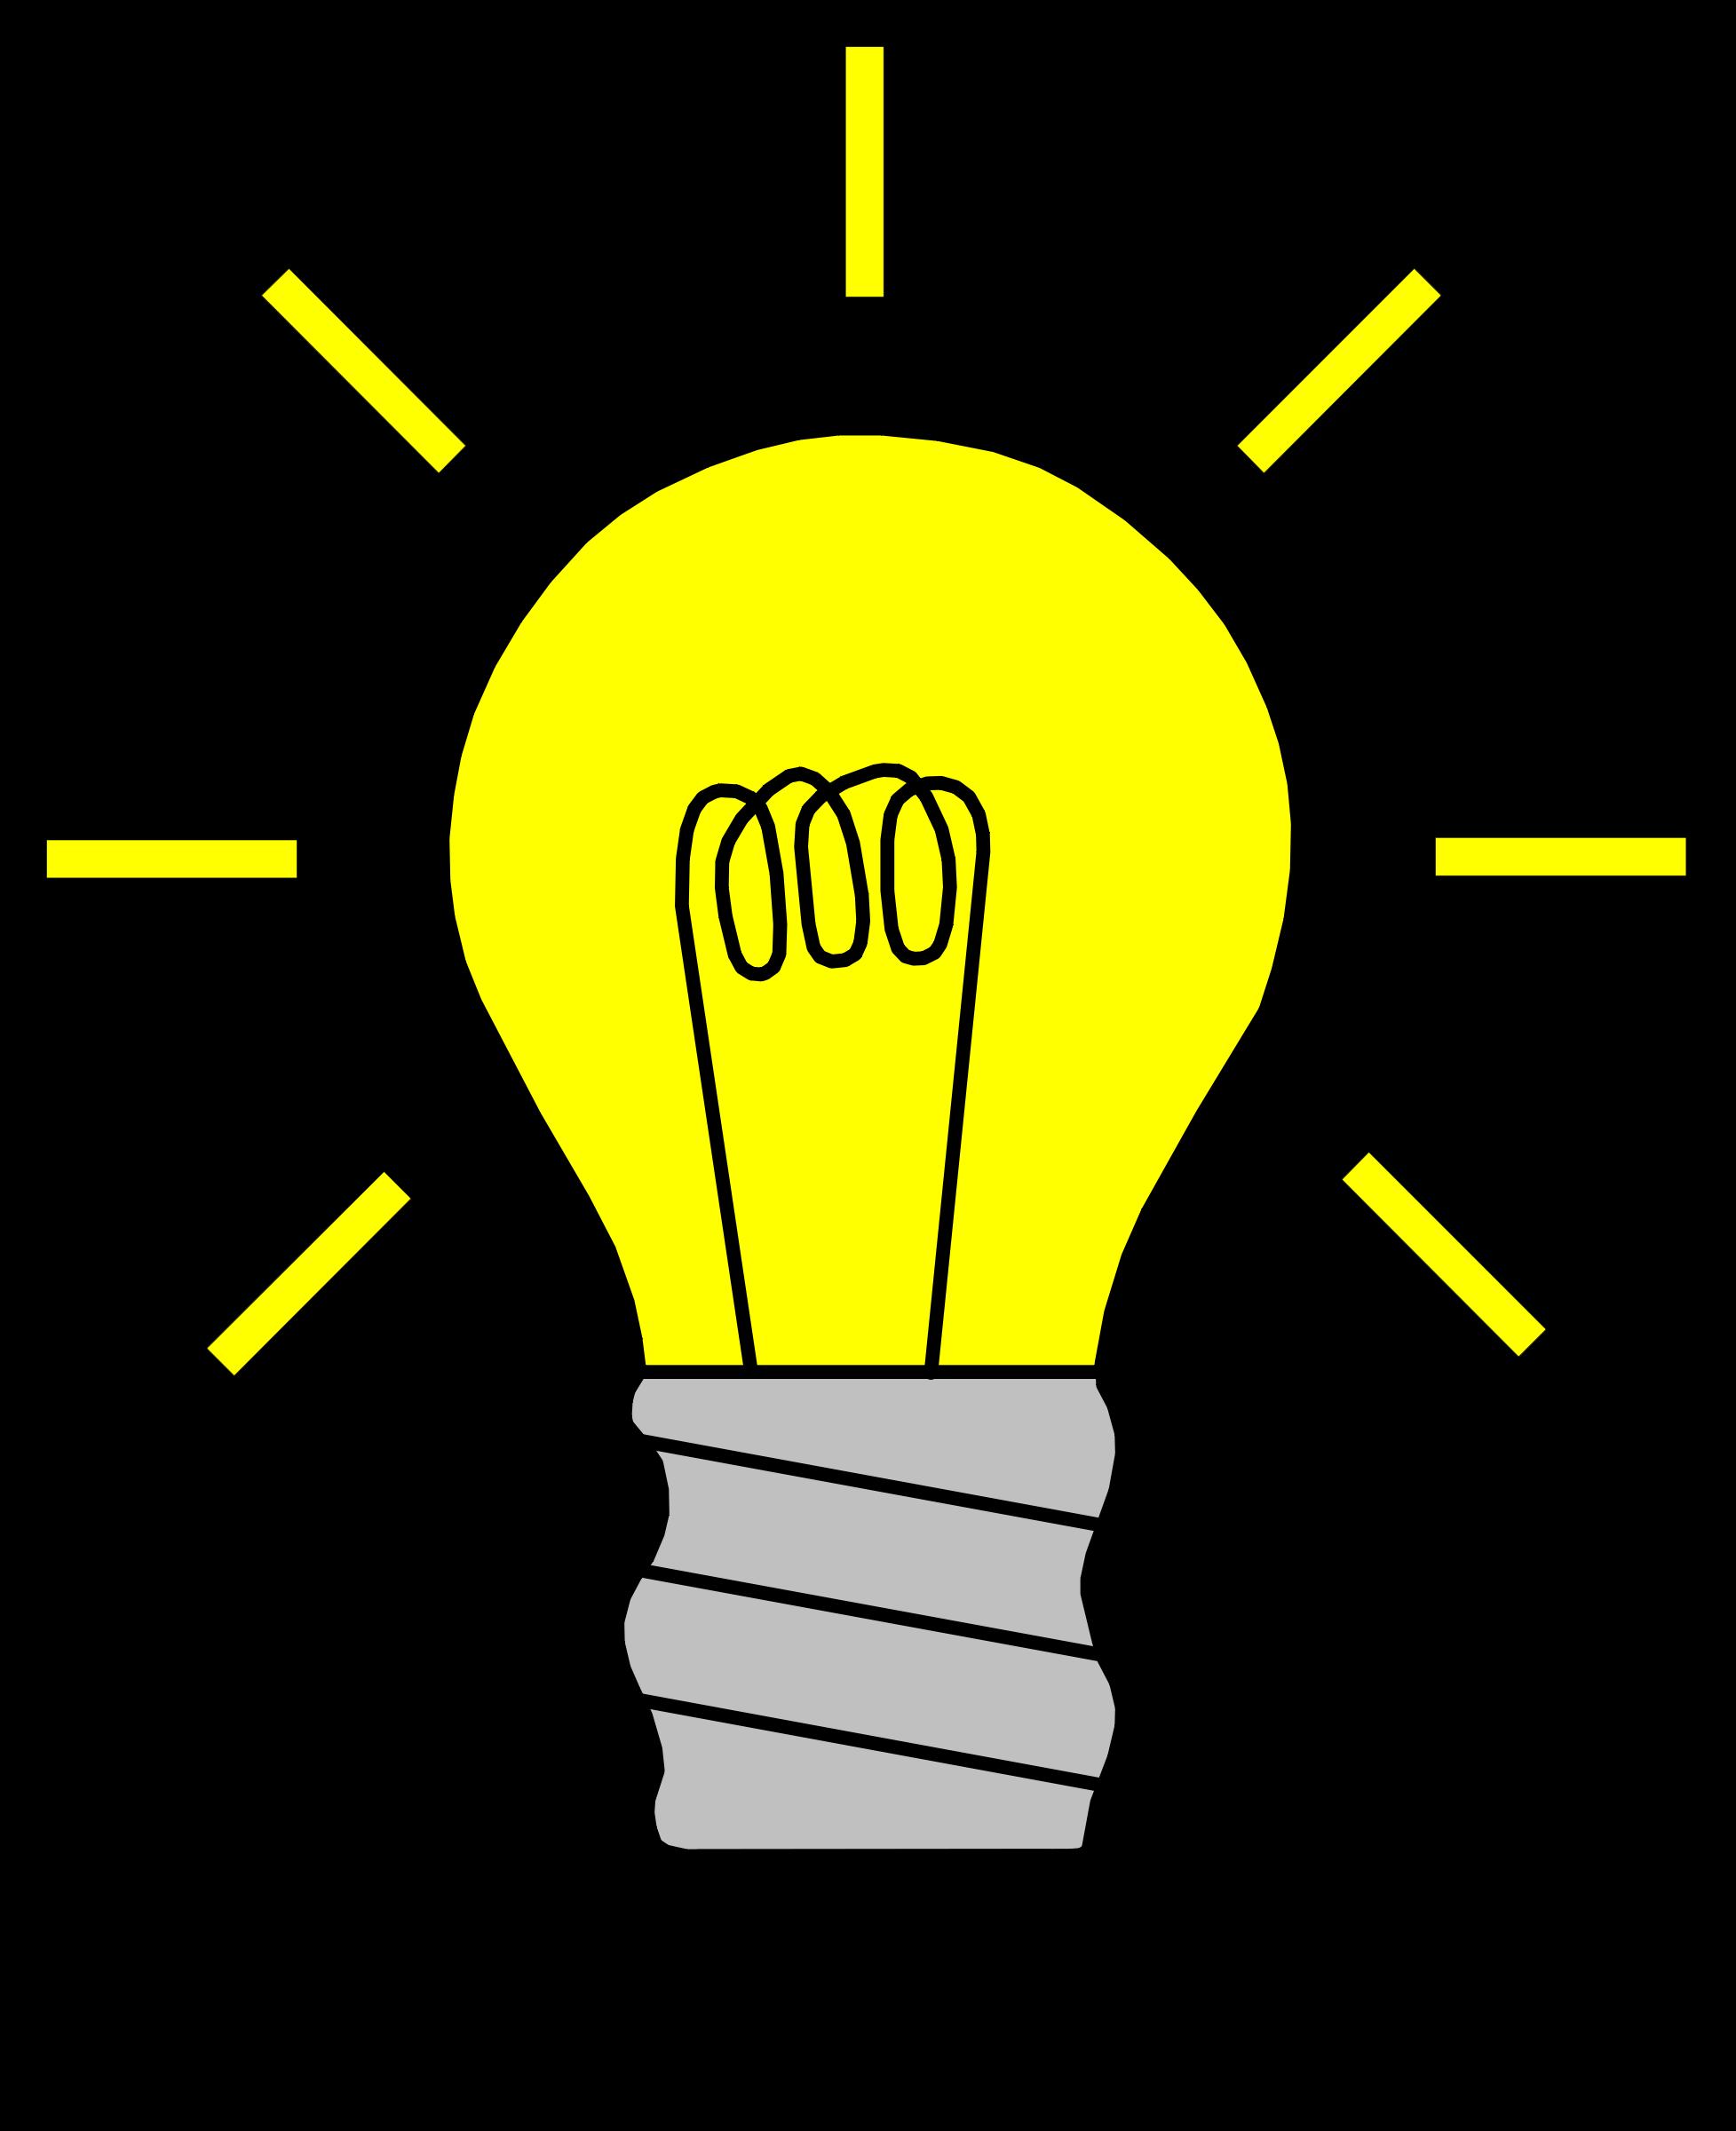 Lightbulb free light bulb clip art pictures